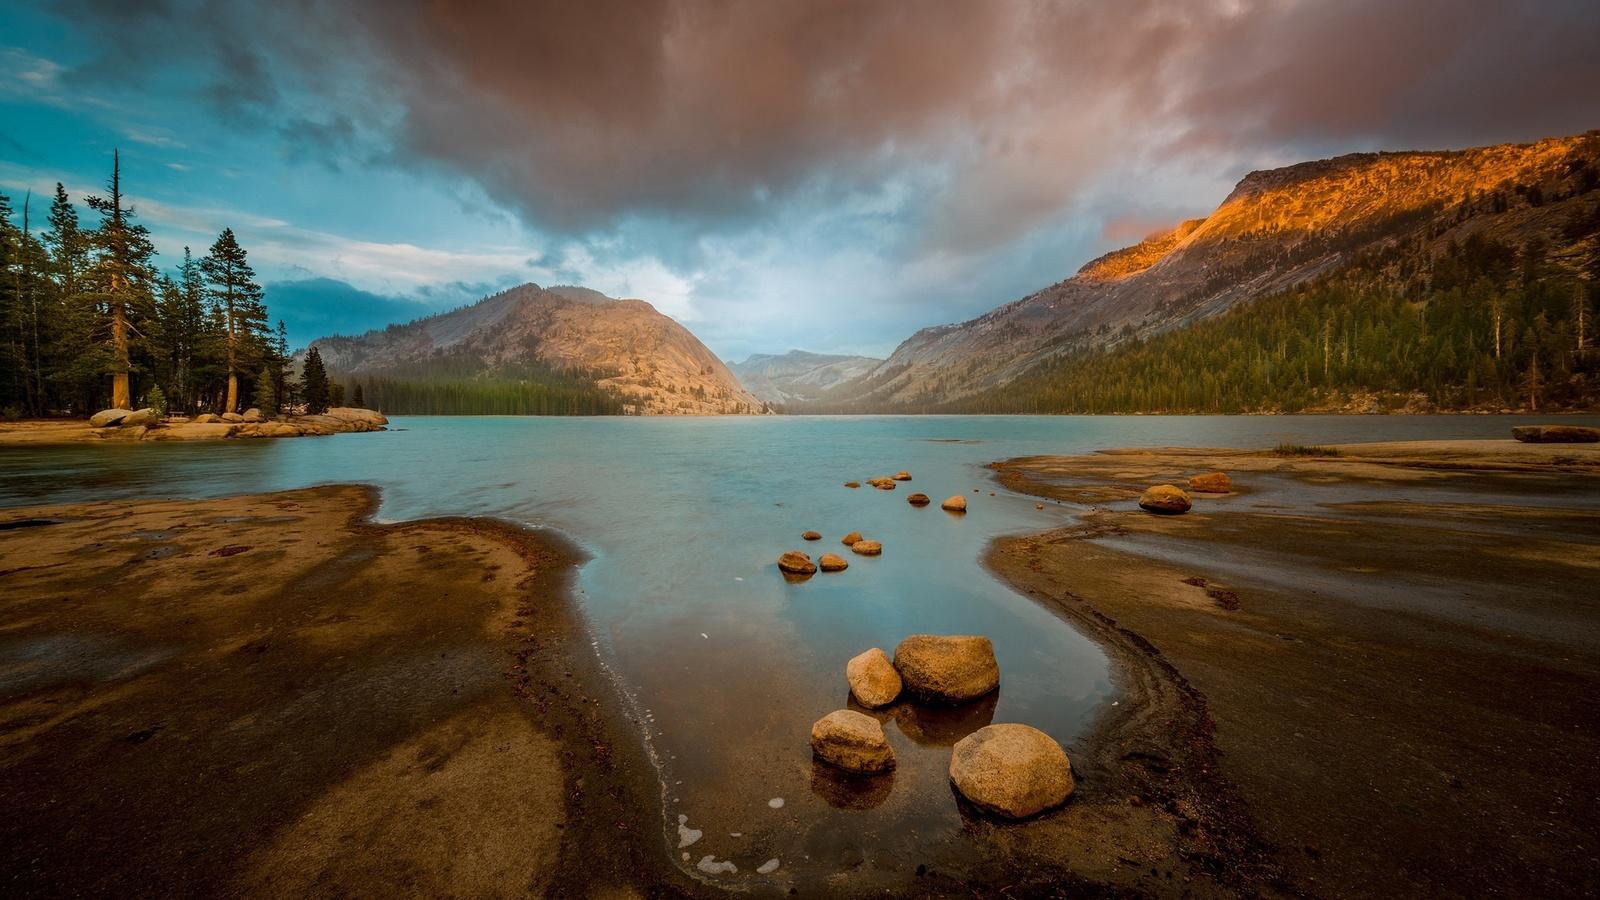 природа, горы, озеро